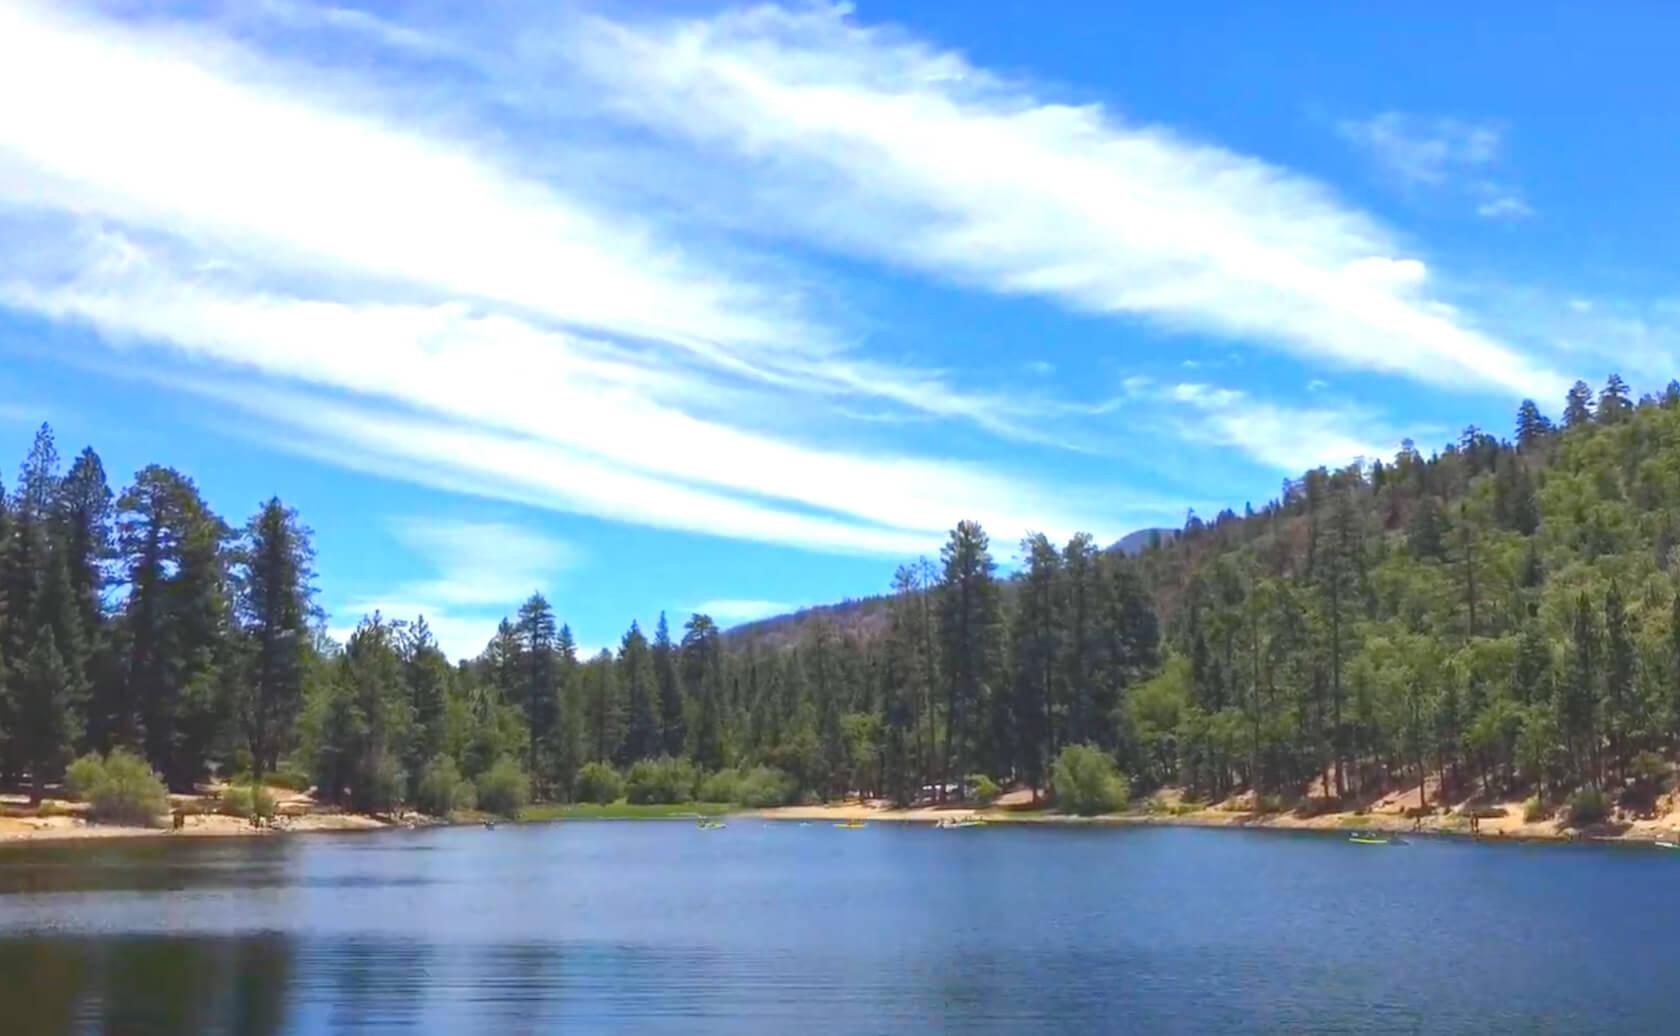 Jenks-Lake-Fishing-Guide-Report-California-03